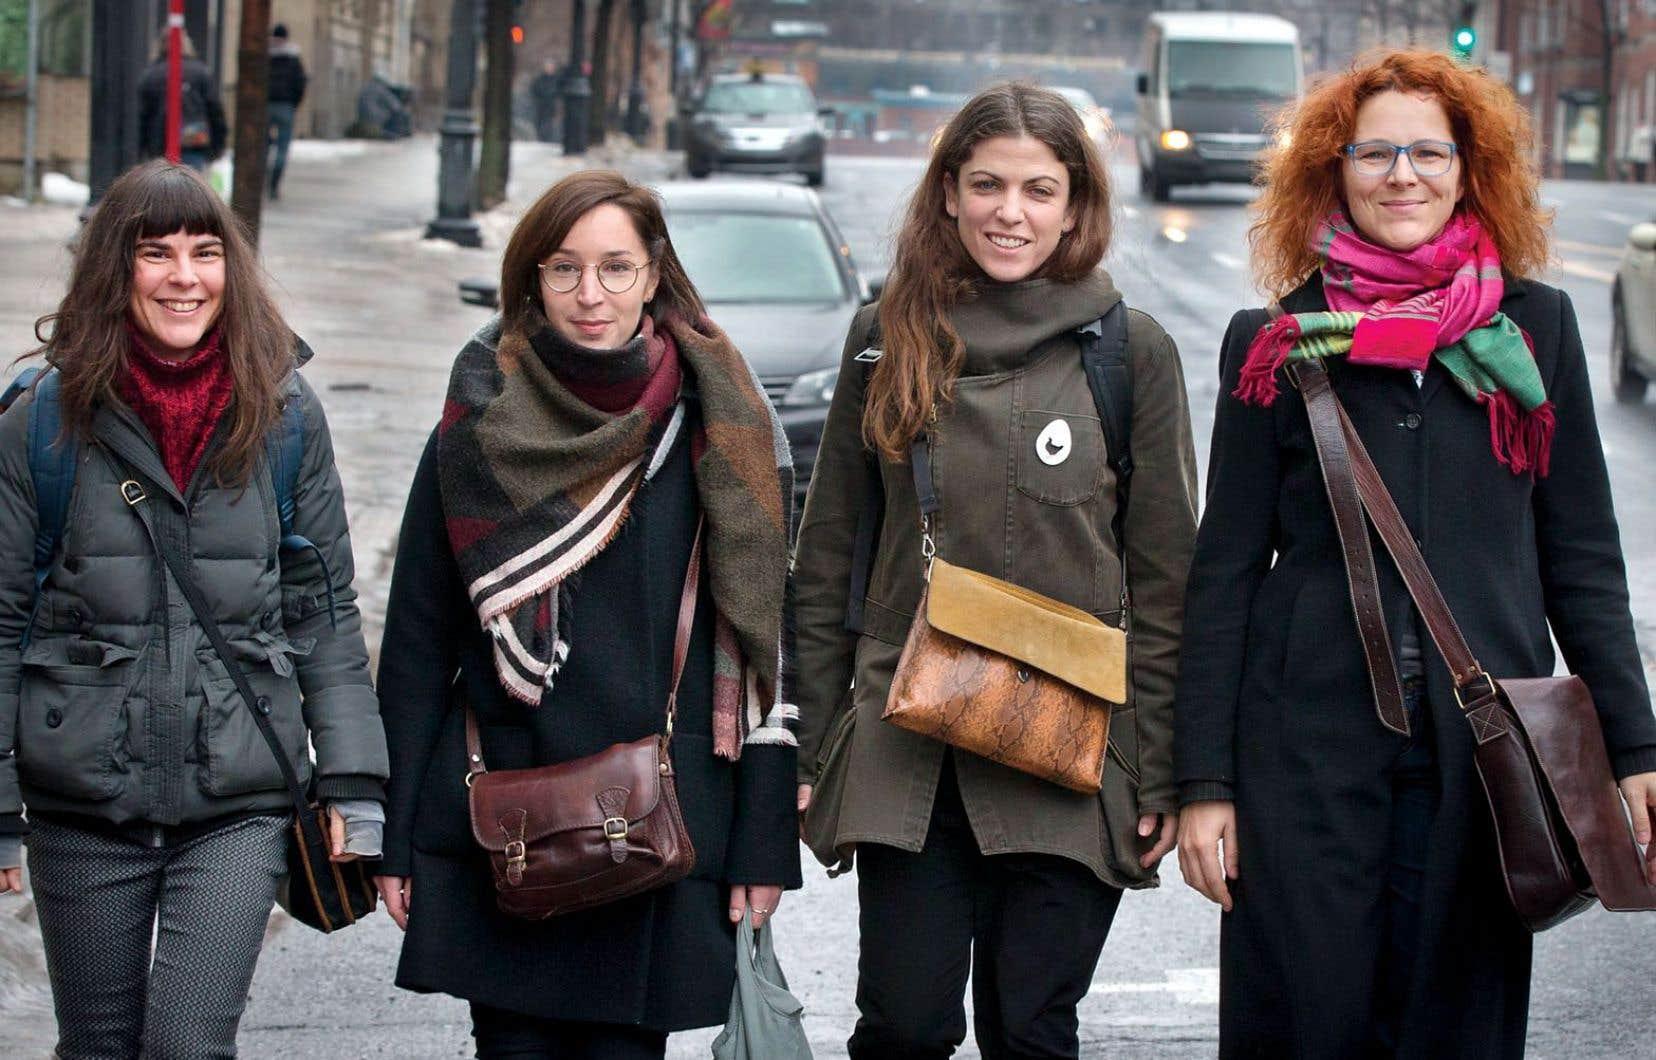 Les dramaturges Marilyn Perreault, Marie-Claude St-Laurent, Catherine Bourgeois et Dominick Parenteau-Lebeuf, quatre membres du mouvement Femmes pour l'équité en théâtre.